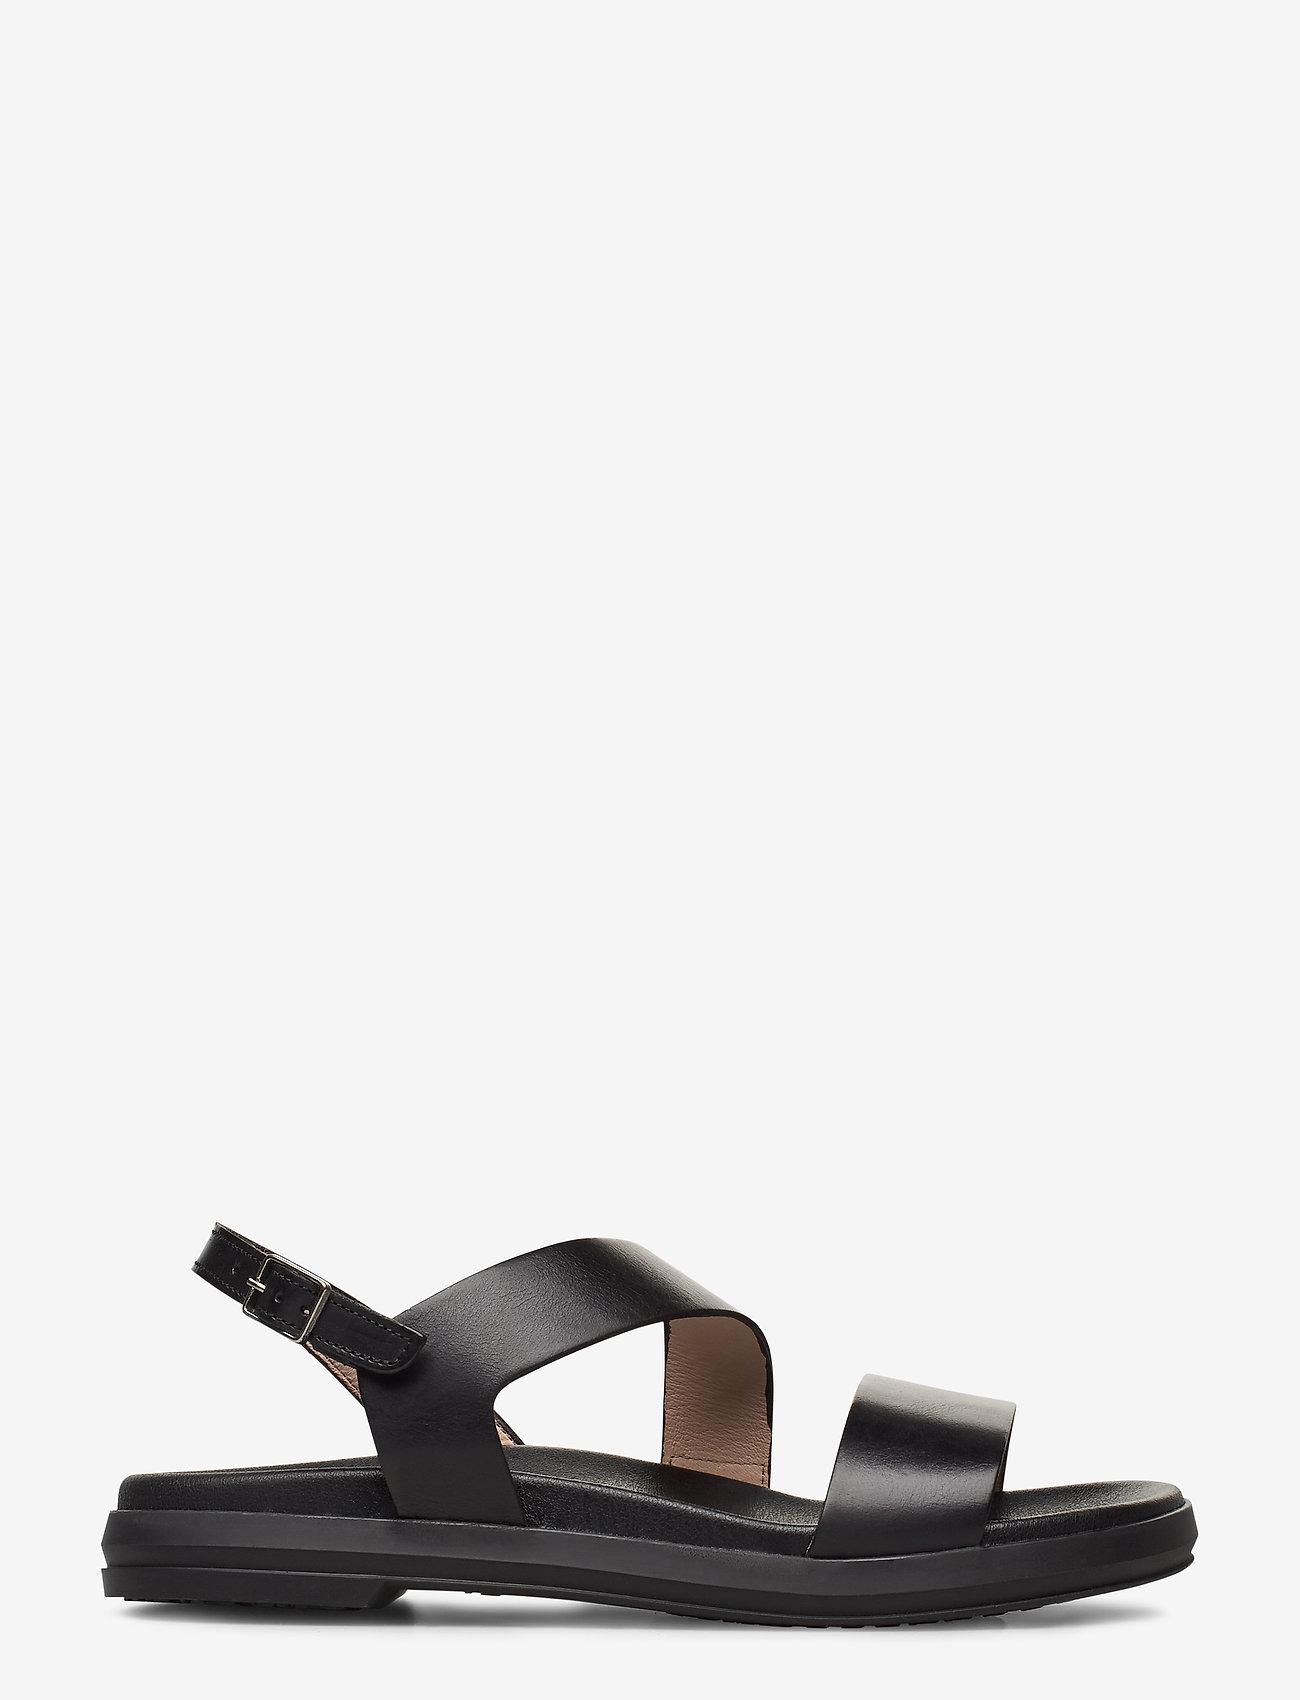 Wonders B-7403 - Sandals